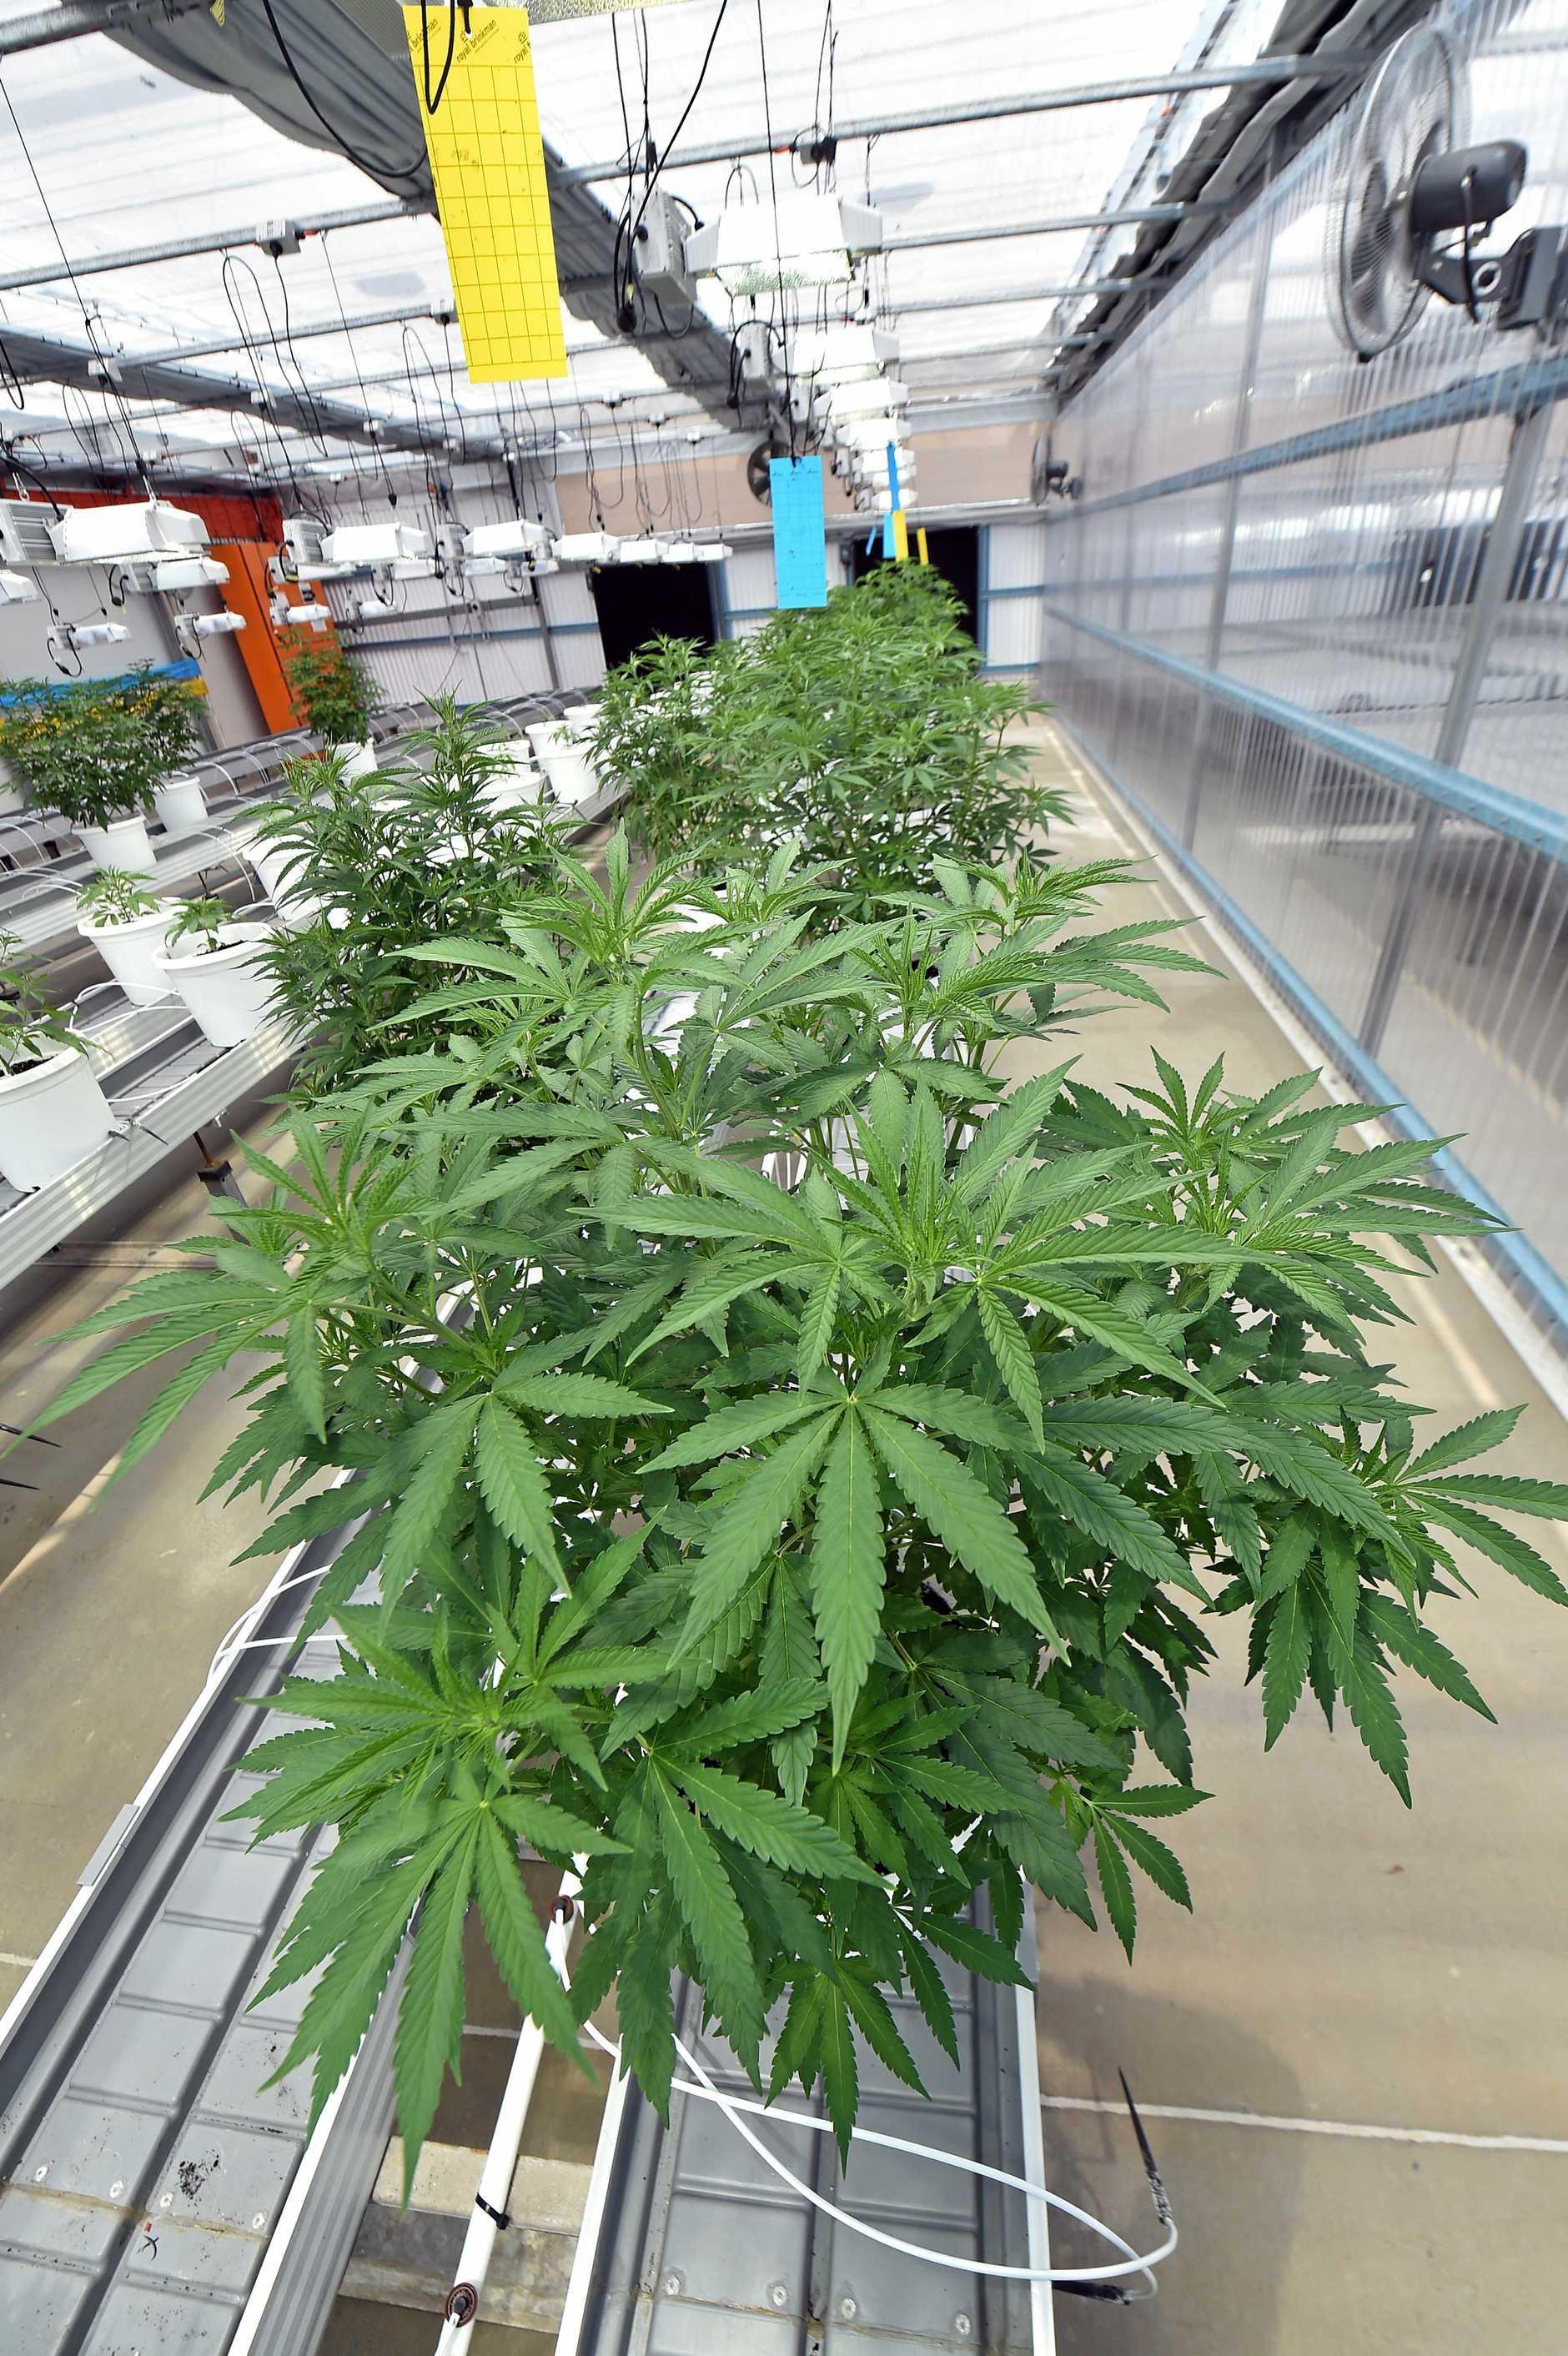 Generic photo of a cannabis farm.